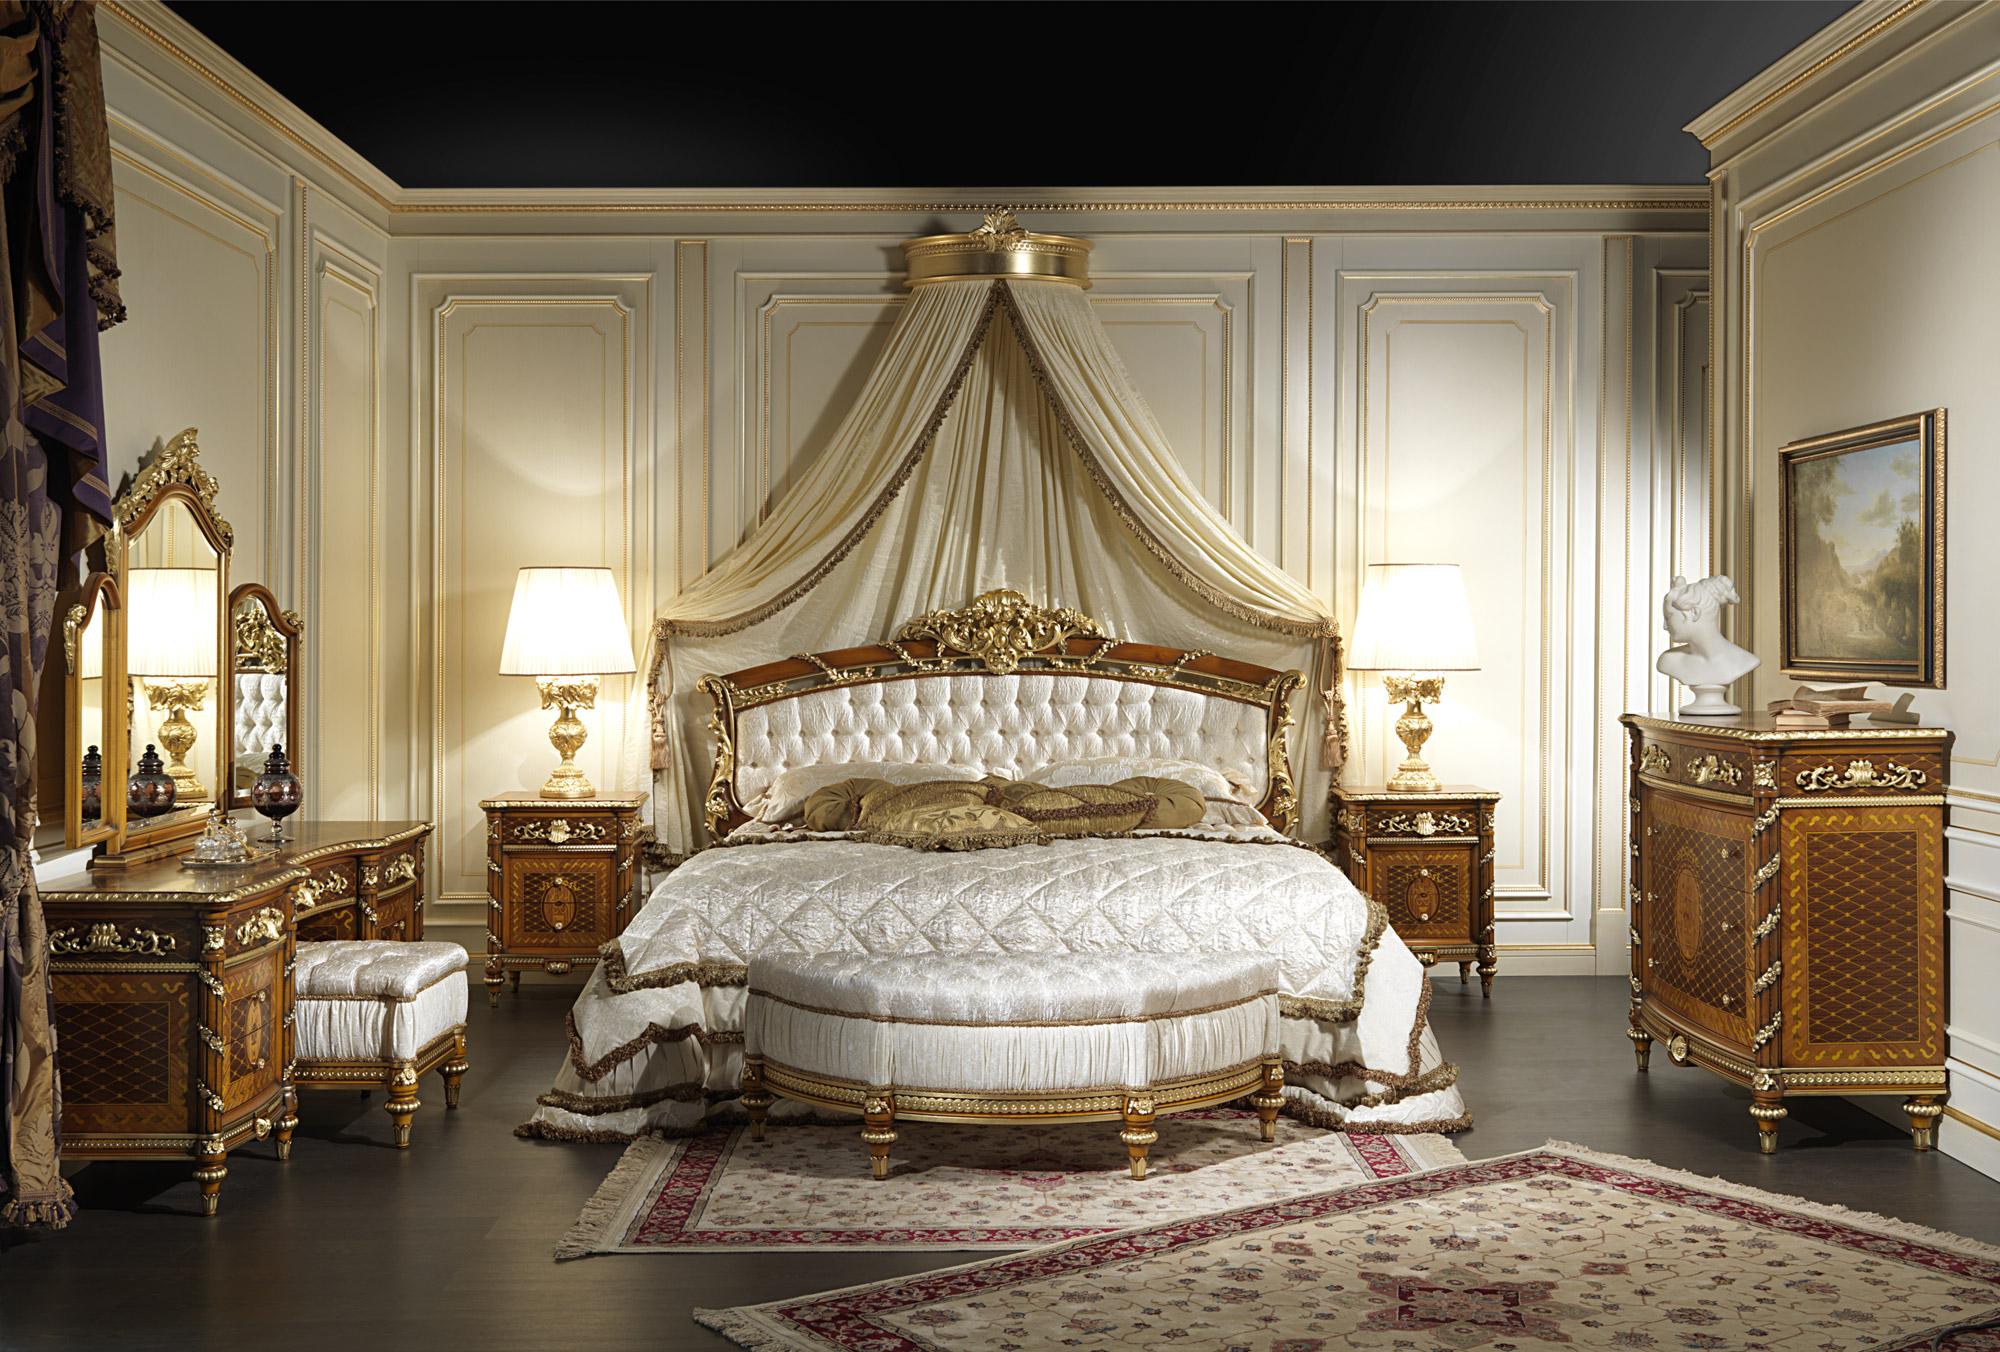 Camera da letto in noce Luigi XVI Noce e Intarsi art. 2011 ...